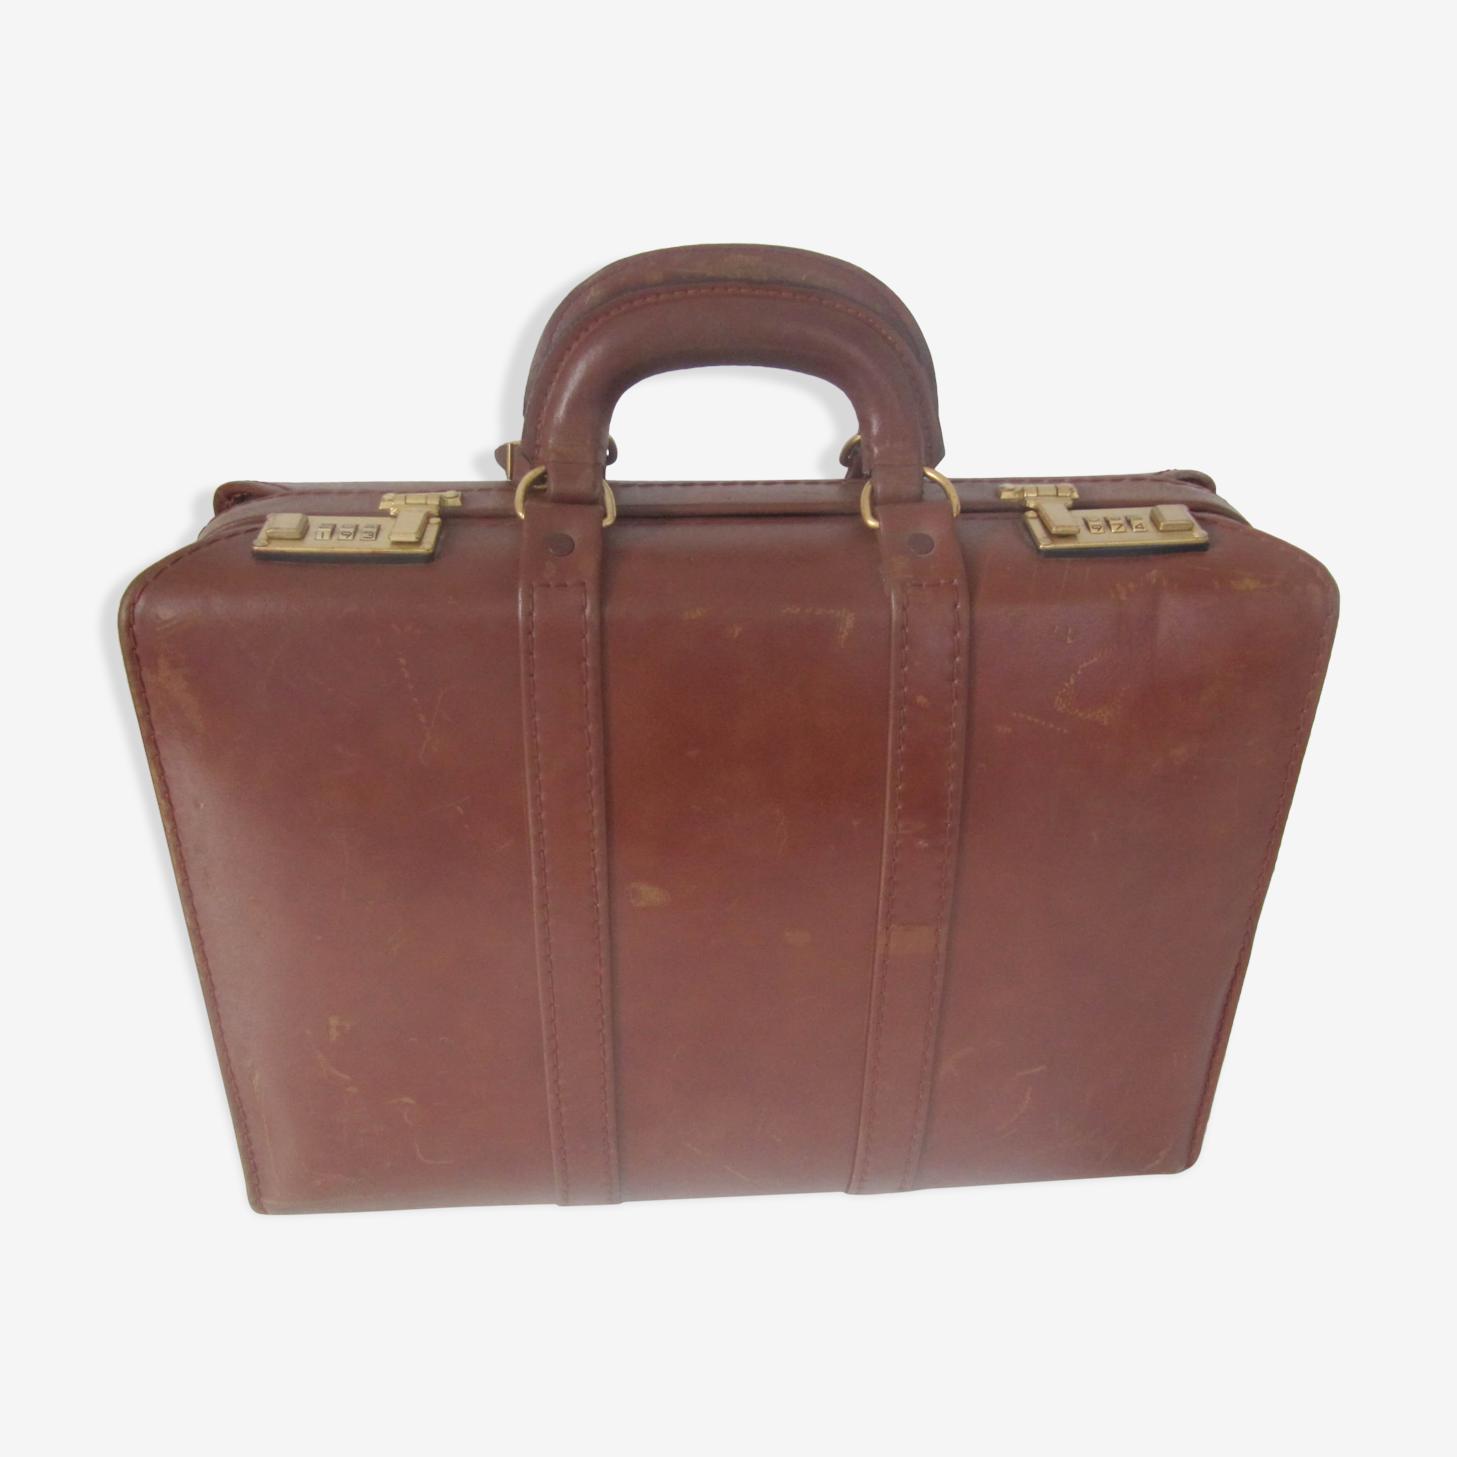 Mallette attaché case en cuir vintage